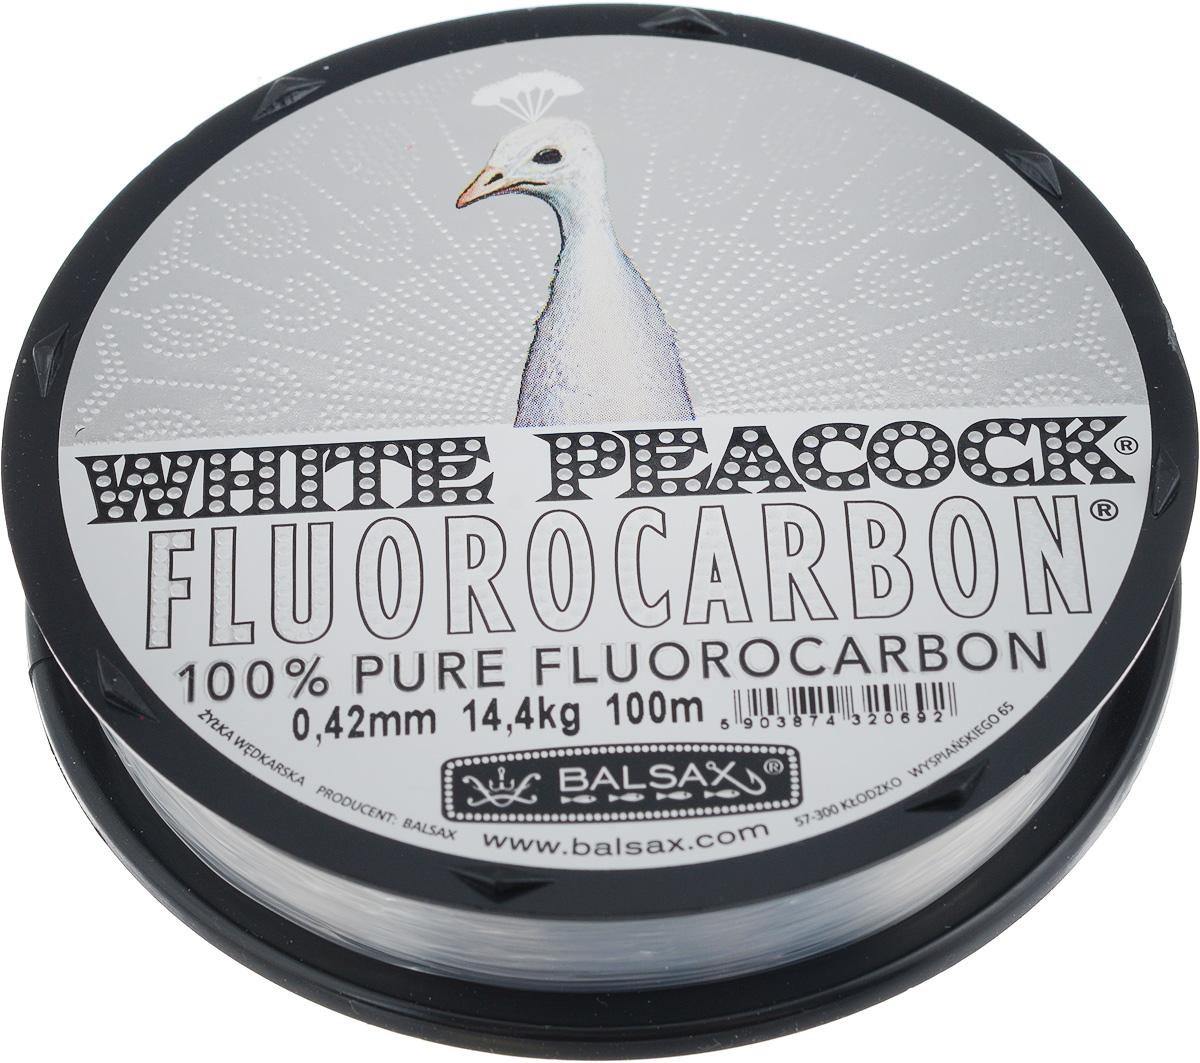 Леска флюорокарбоновая Balsax White Peacock, 100 м, 0,42 мм, 14,4 кгPP092MGR008Флюорокарбоновая леска Balsax White Peacock становится абсолютно невидимой в воде. Обычные лески отражают световые лучи, поэтому рыбы их обнаруживают. Флюорокарбон имеет приближенный к воде коэффициент преломления, поэтому пропускает сквозь себя свет, не давая отражений. Рыбы не видят флюорокарбон. Многие рыболовы во всем мире используют подобные лески в качестве поводковых, благодаря чему получают более лучшие результаты.Флюорокарбон на 50% тяжелее обычных лесок и на 78% тяжелее воды. Понятно, почему этот материал используется для рыболовных лесок, он тонет очень быстро. Флюорокарбон не впитывает воду даже через 100 часов нахождения в ней. Обычные лески впитывают до 10% воды в течение 24 часов, что приводит к потере 5 - 10% прочности. Сопротивляемость флюорокарбона к истиранию значительно больше, чем у обычных лесок. Он выдерживает температуры от -40°C до +160°C.